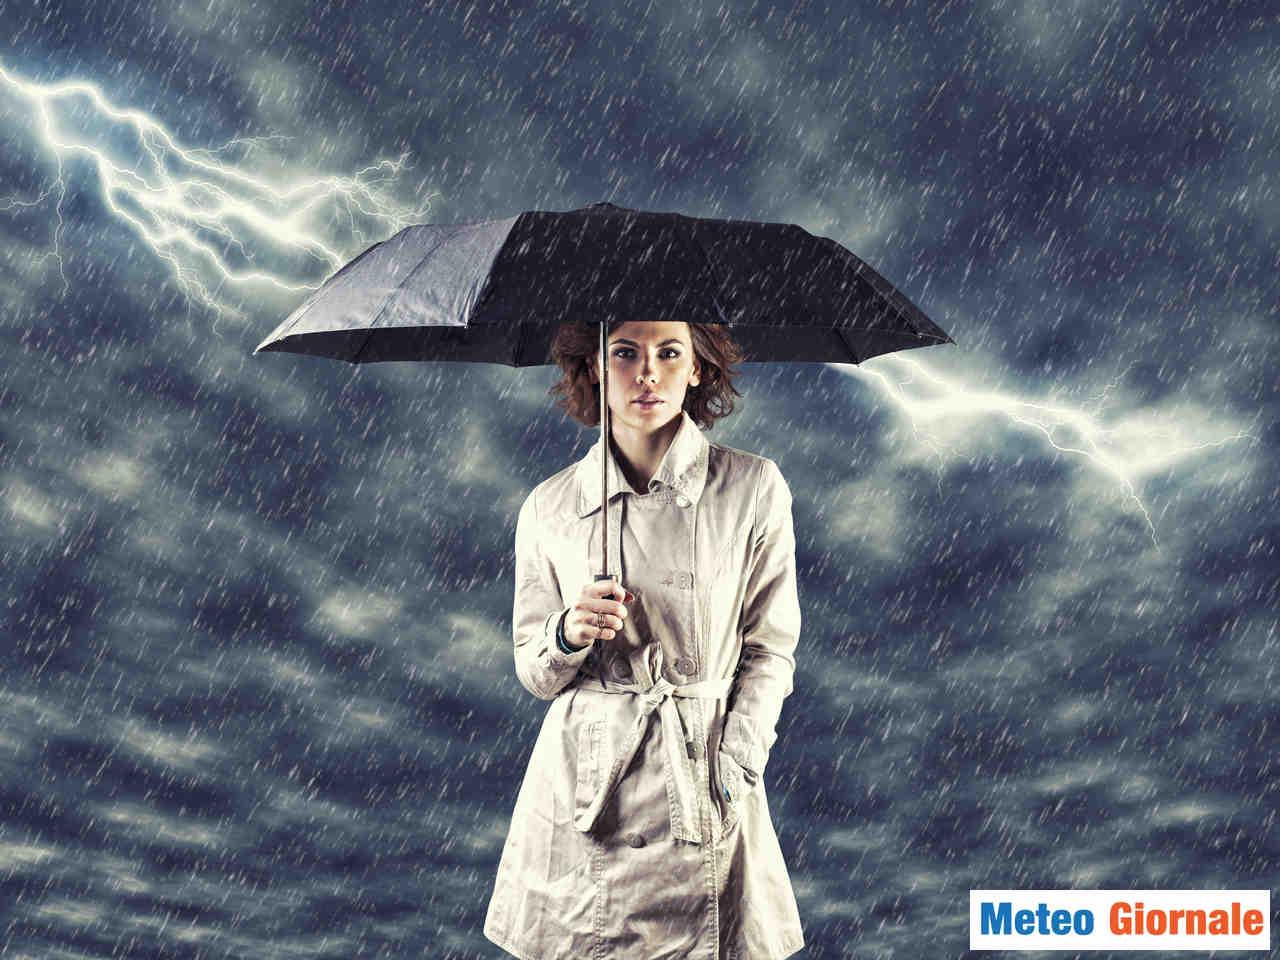 meteo giornale 00148 - Meteo nel weekend di Pasqua, TEMPORALI ed anche GRANDINE, temperature giù anche di 10°C